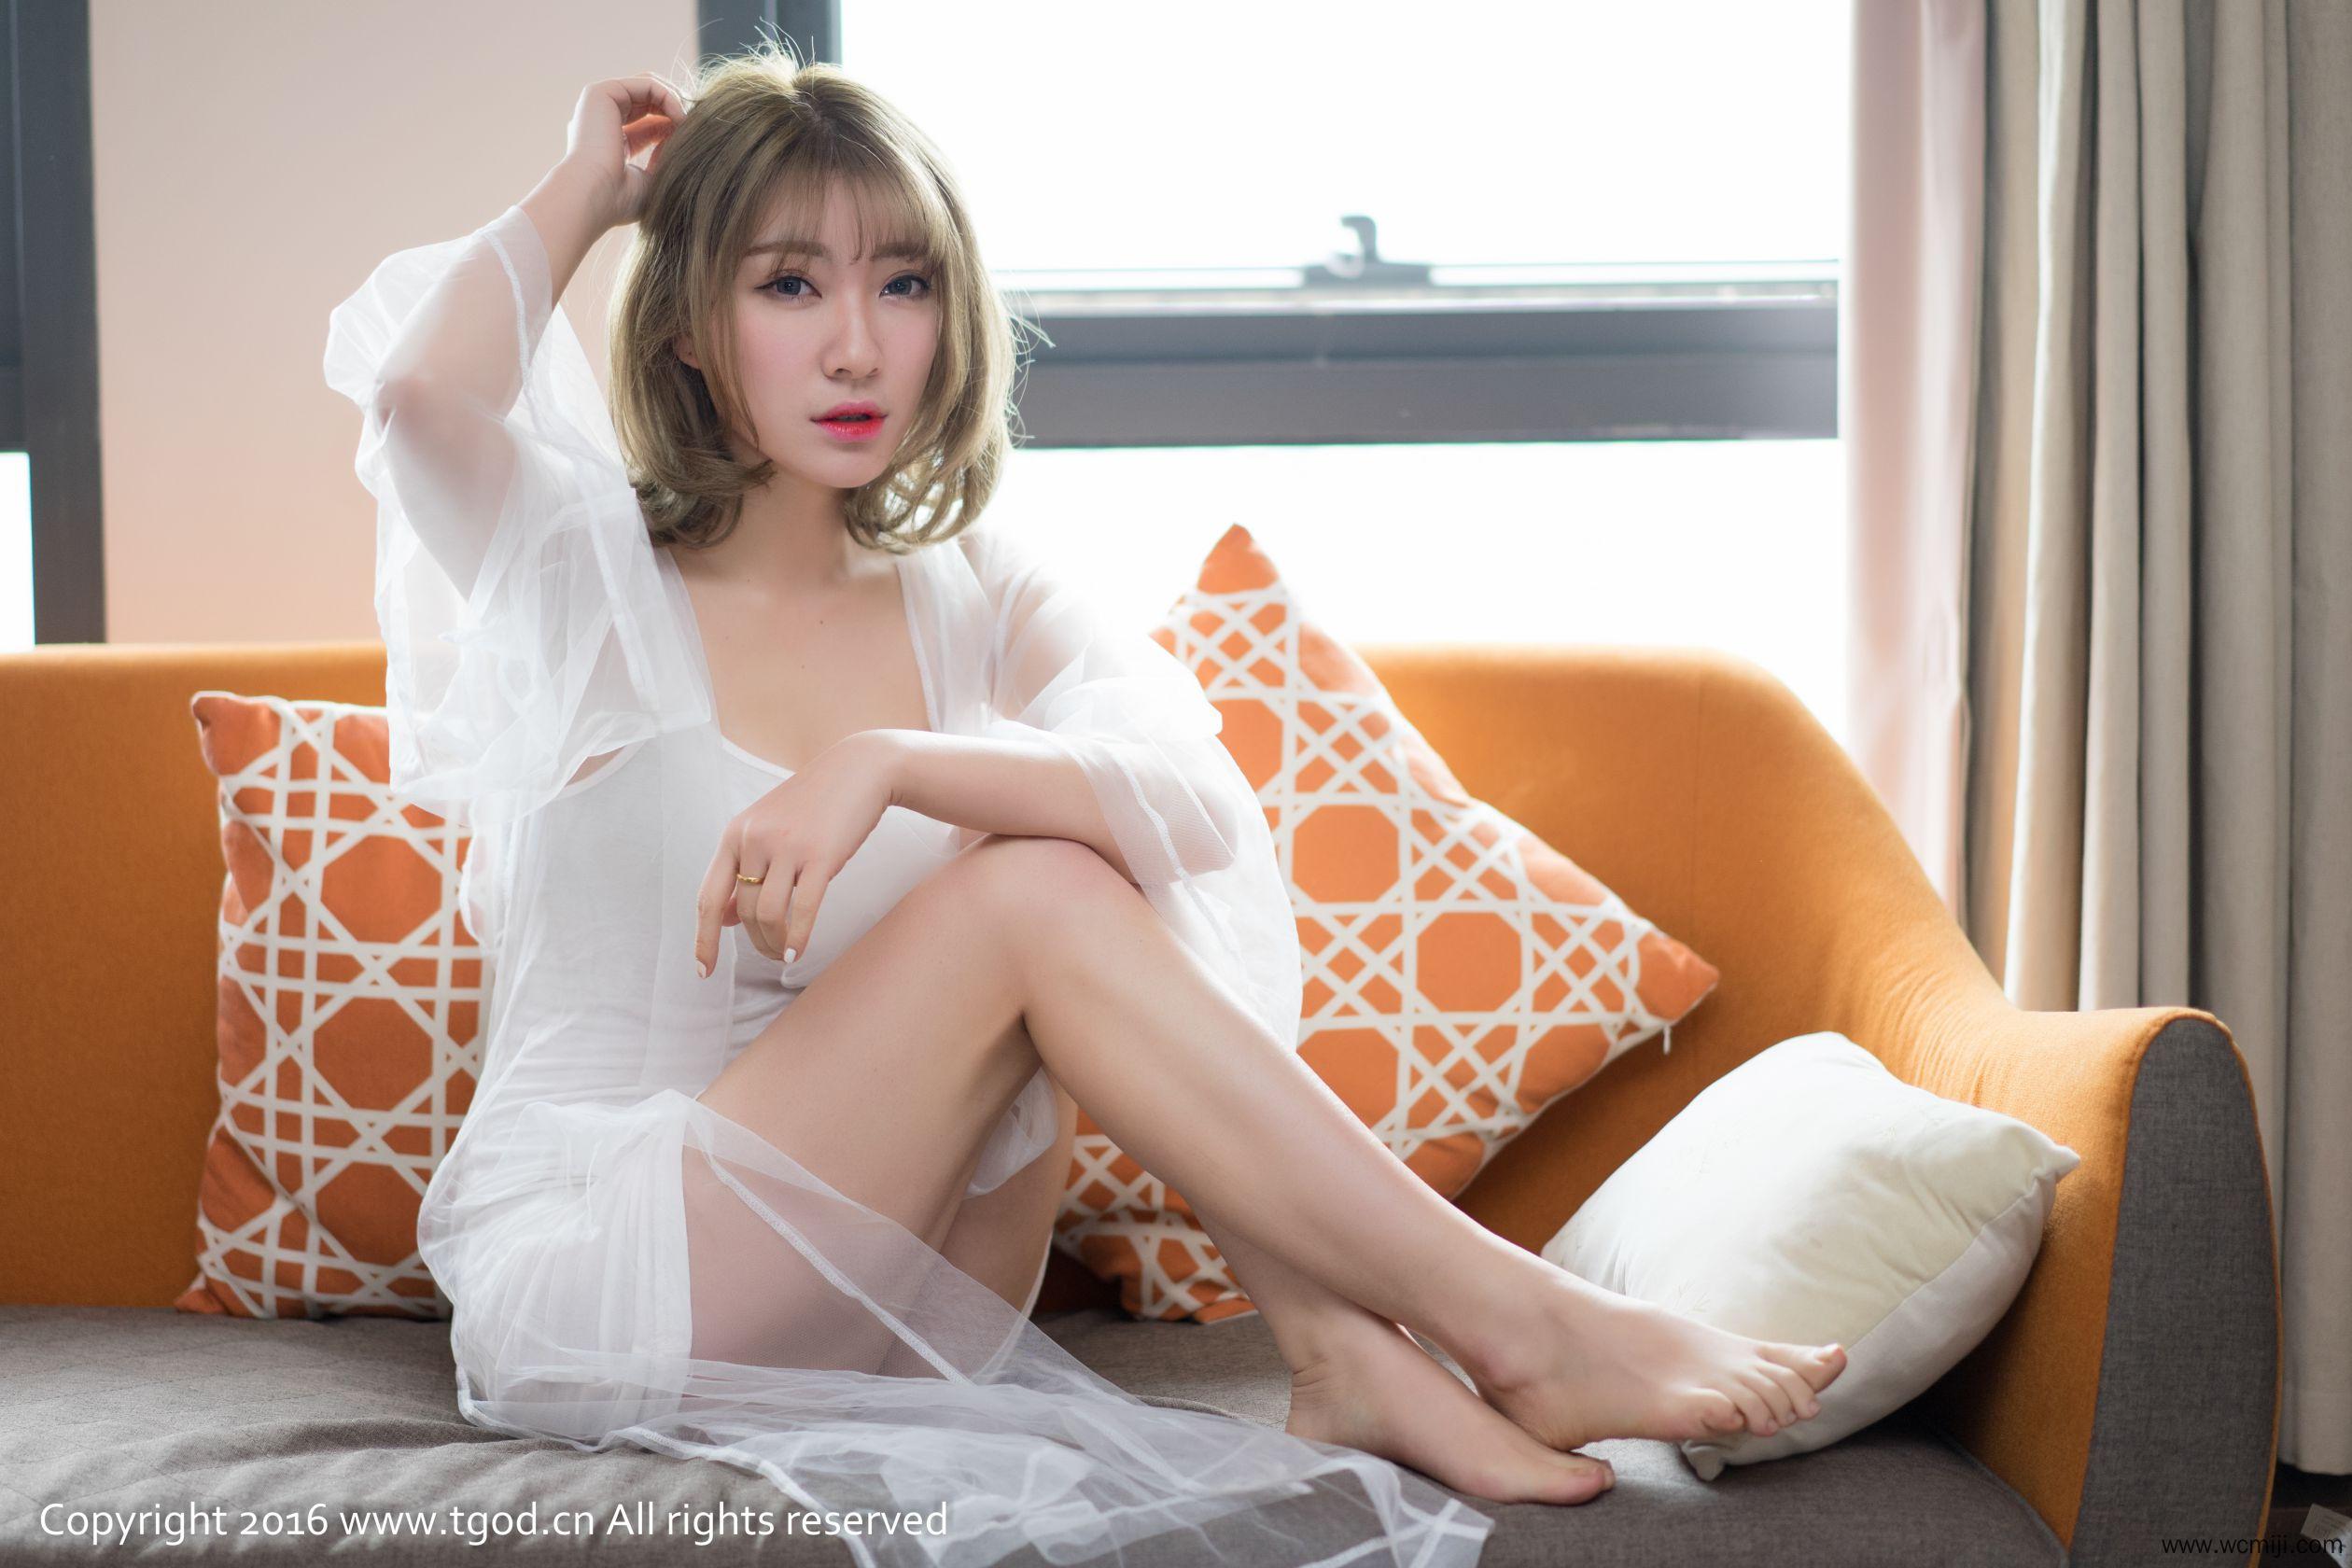 【日本写真】日本女神松岛拉面君美乳吊带雪白美腿人体艺术图片【40P】 写真集